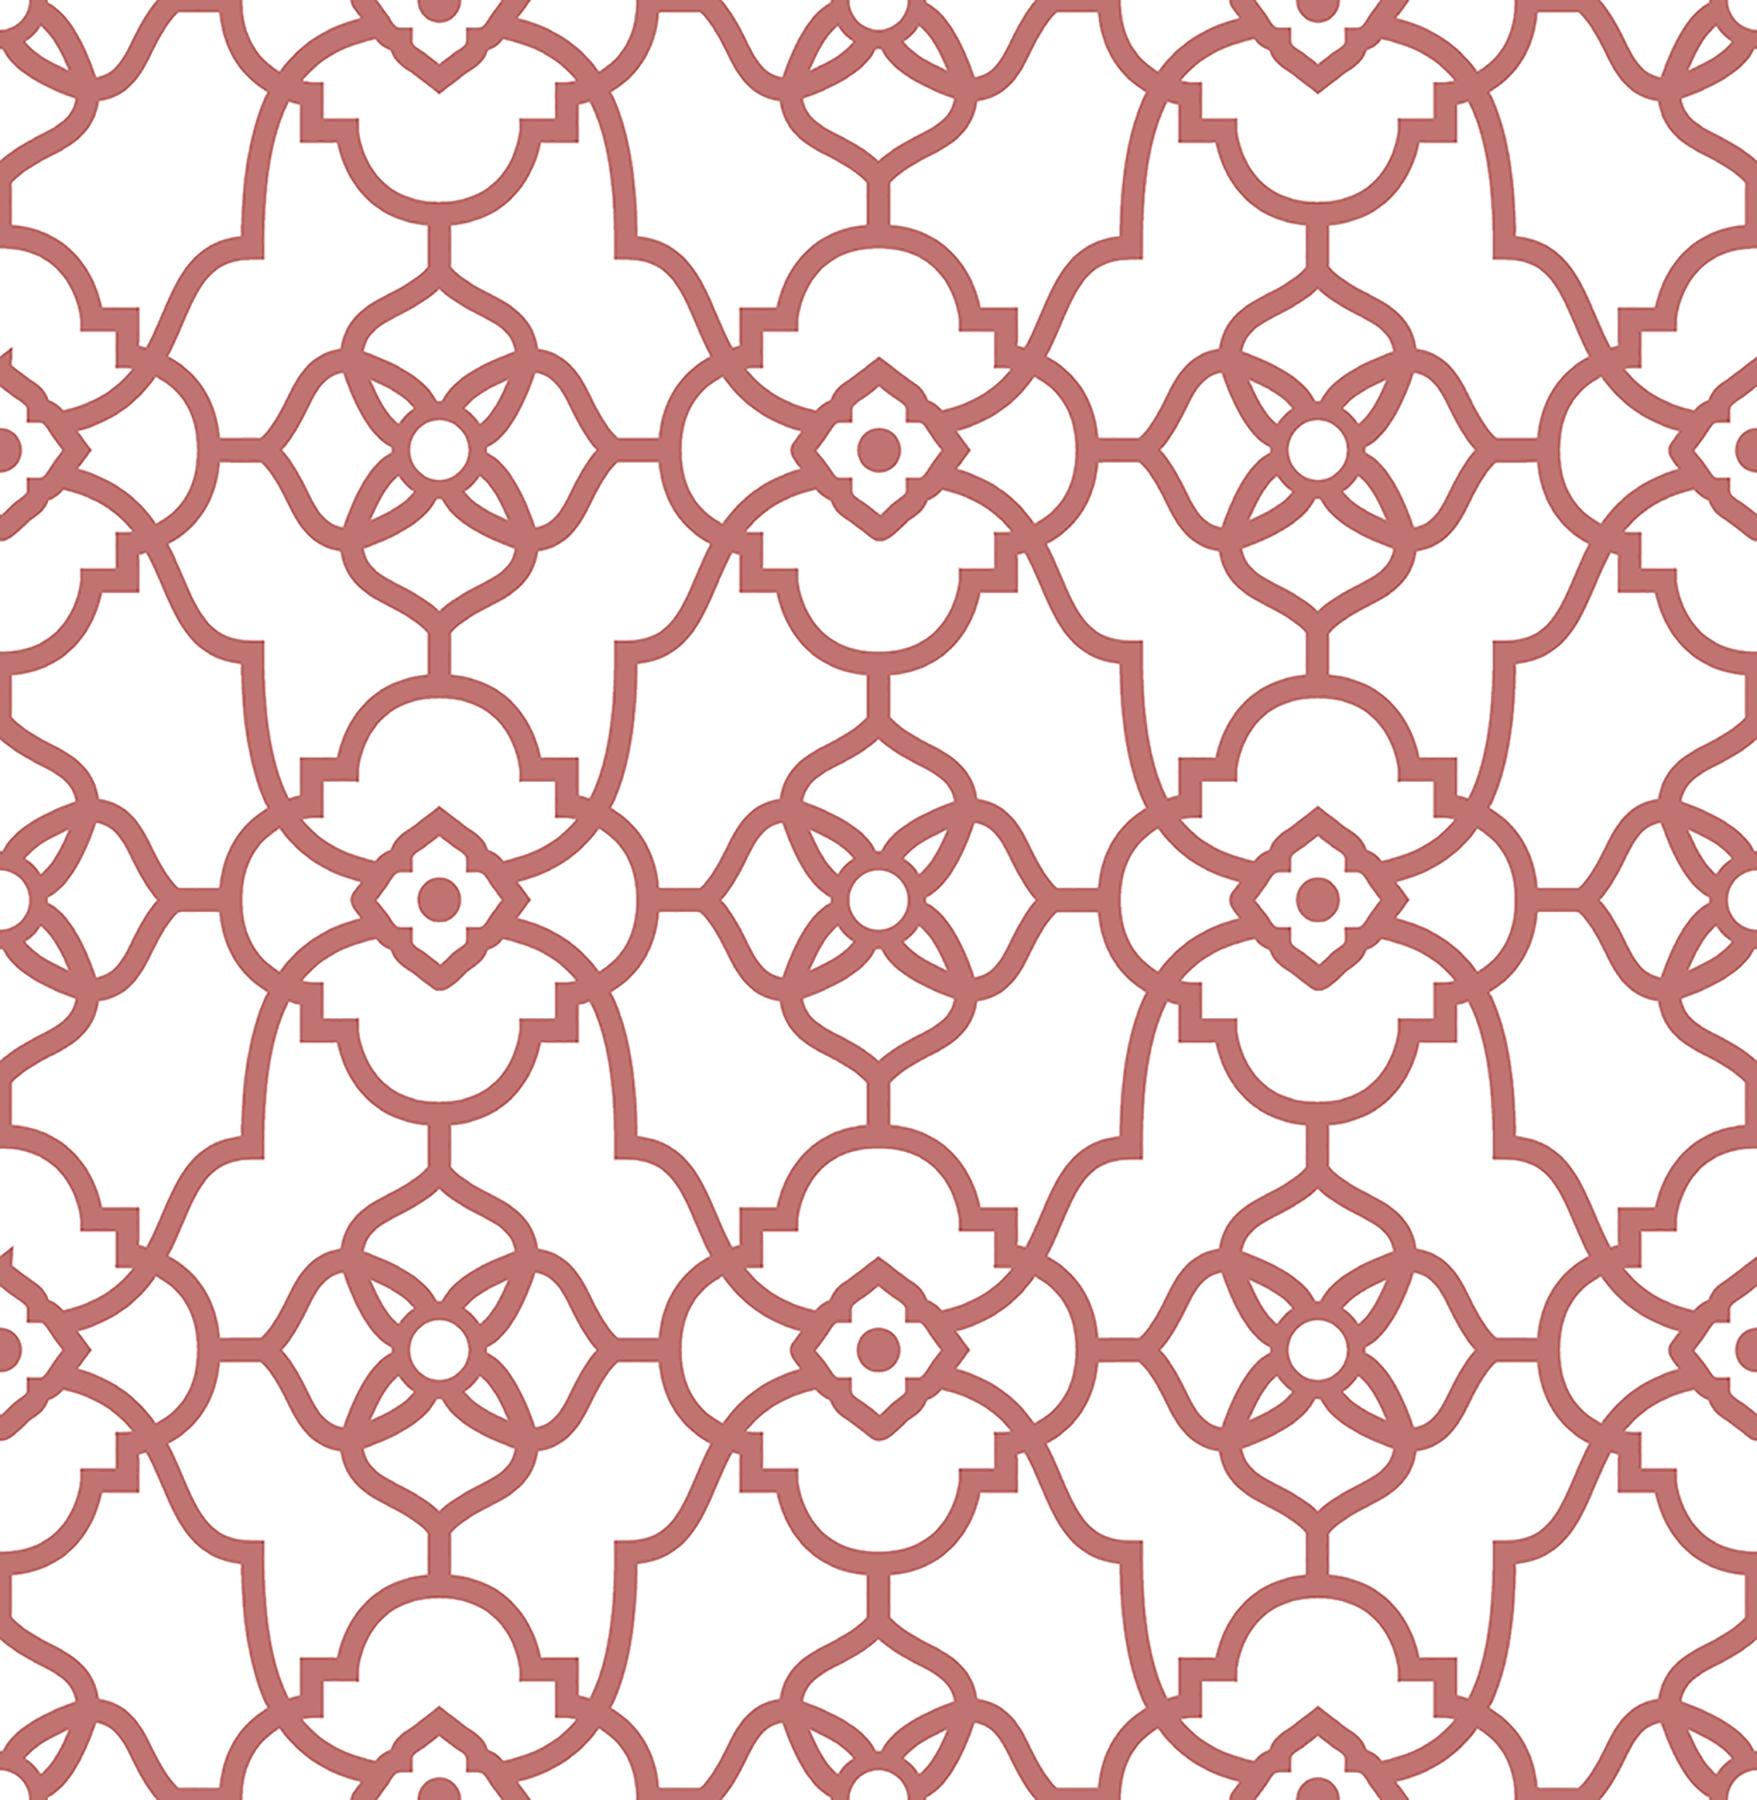 Picture of Atrium Coral Trellis Wallpaper